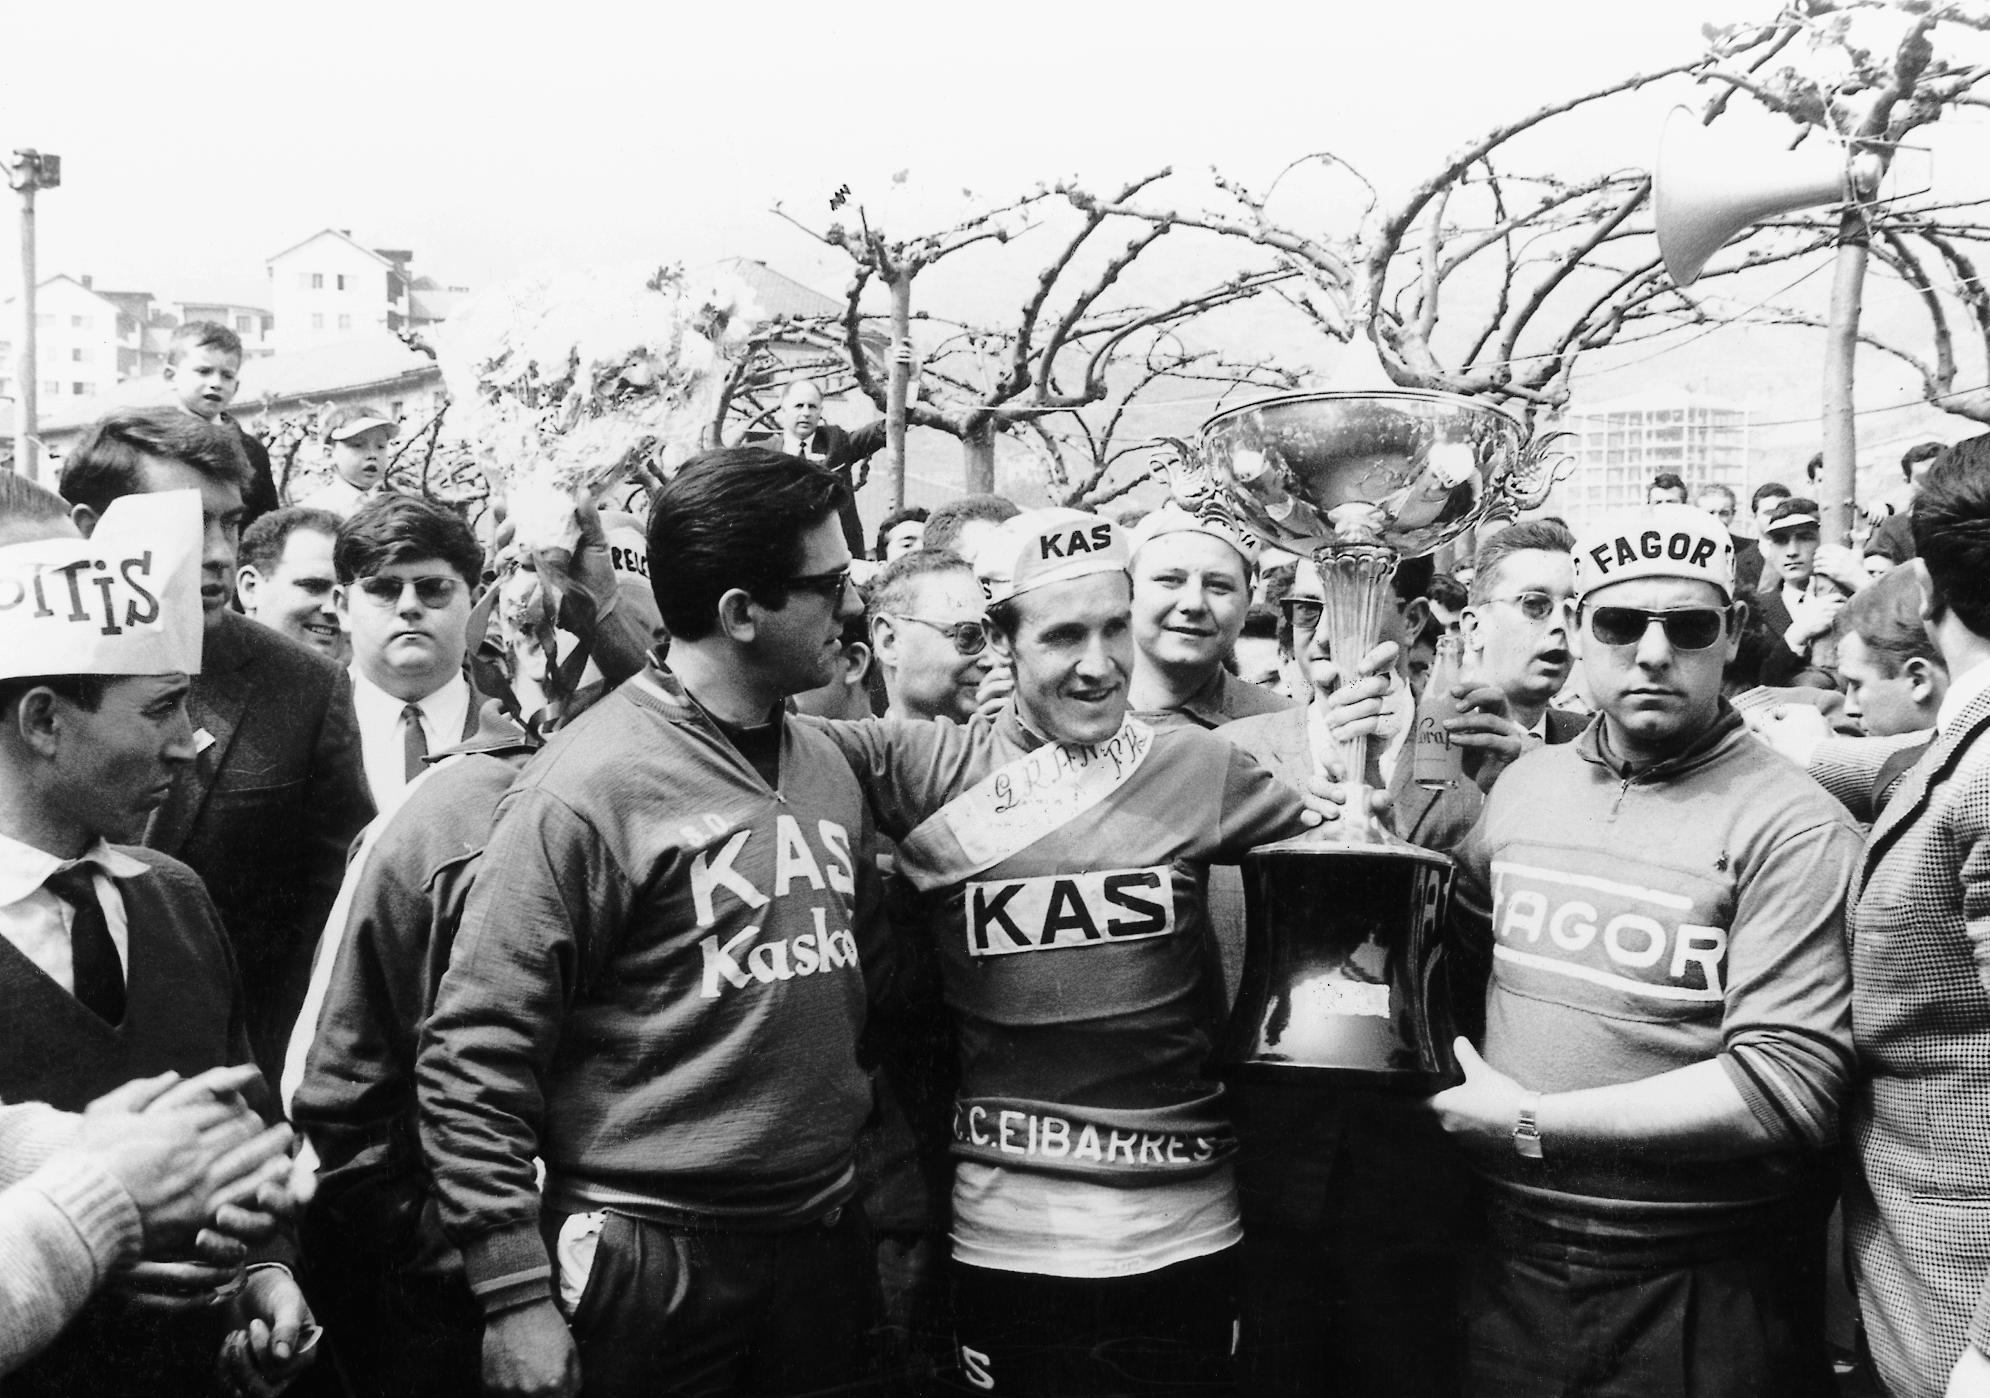 1967 1967CARL.OSE.tiff